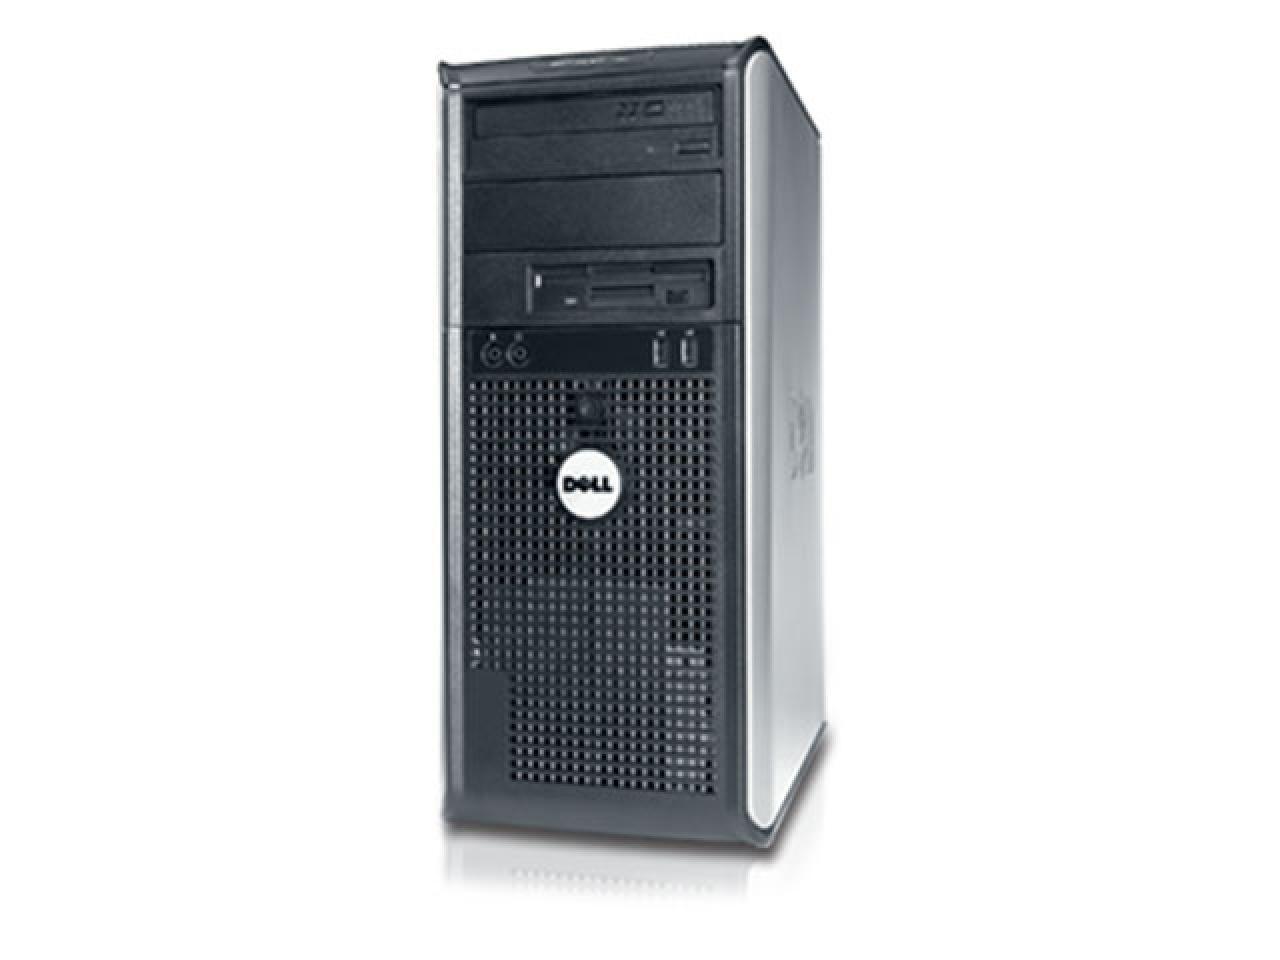 Dell Optiplex 360 MT  - shop.bb-net.de